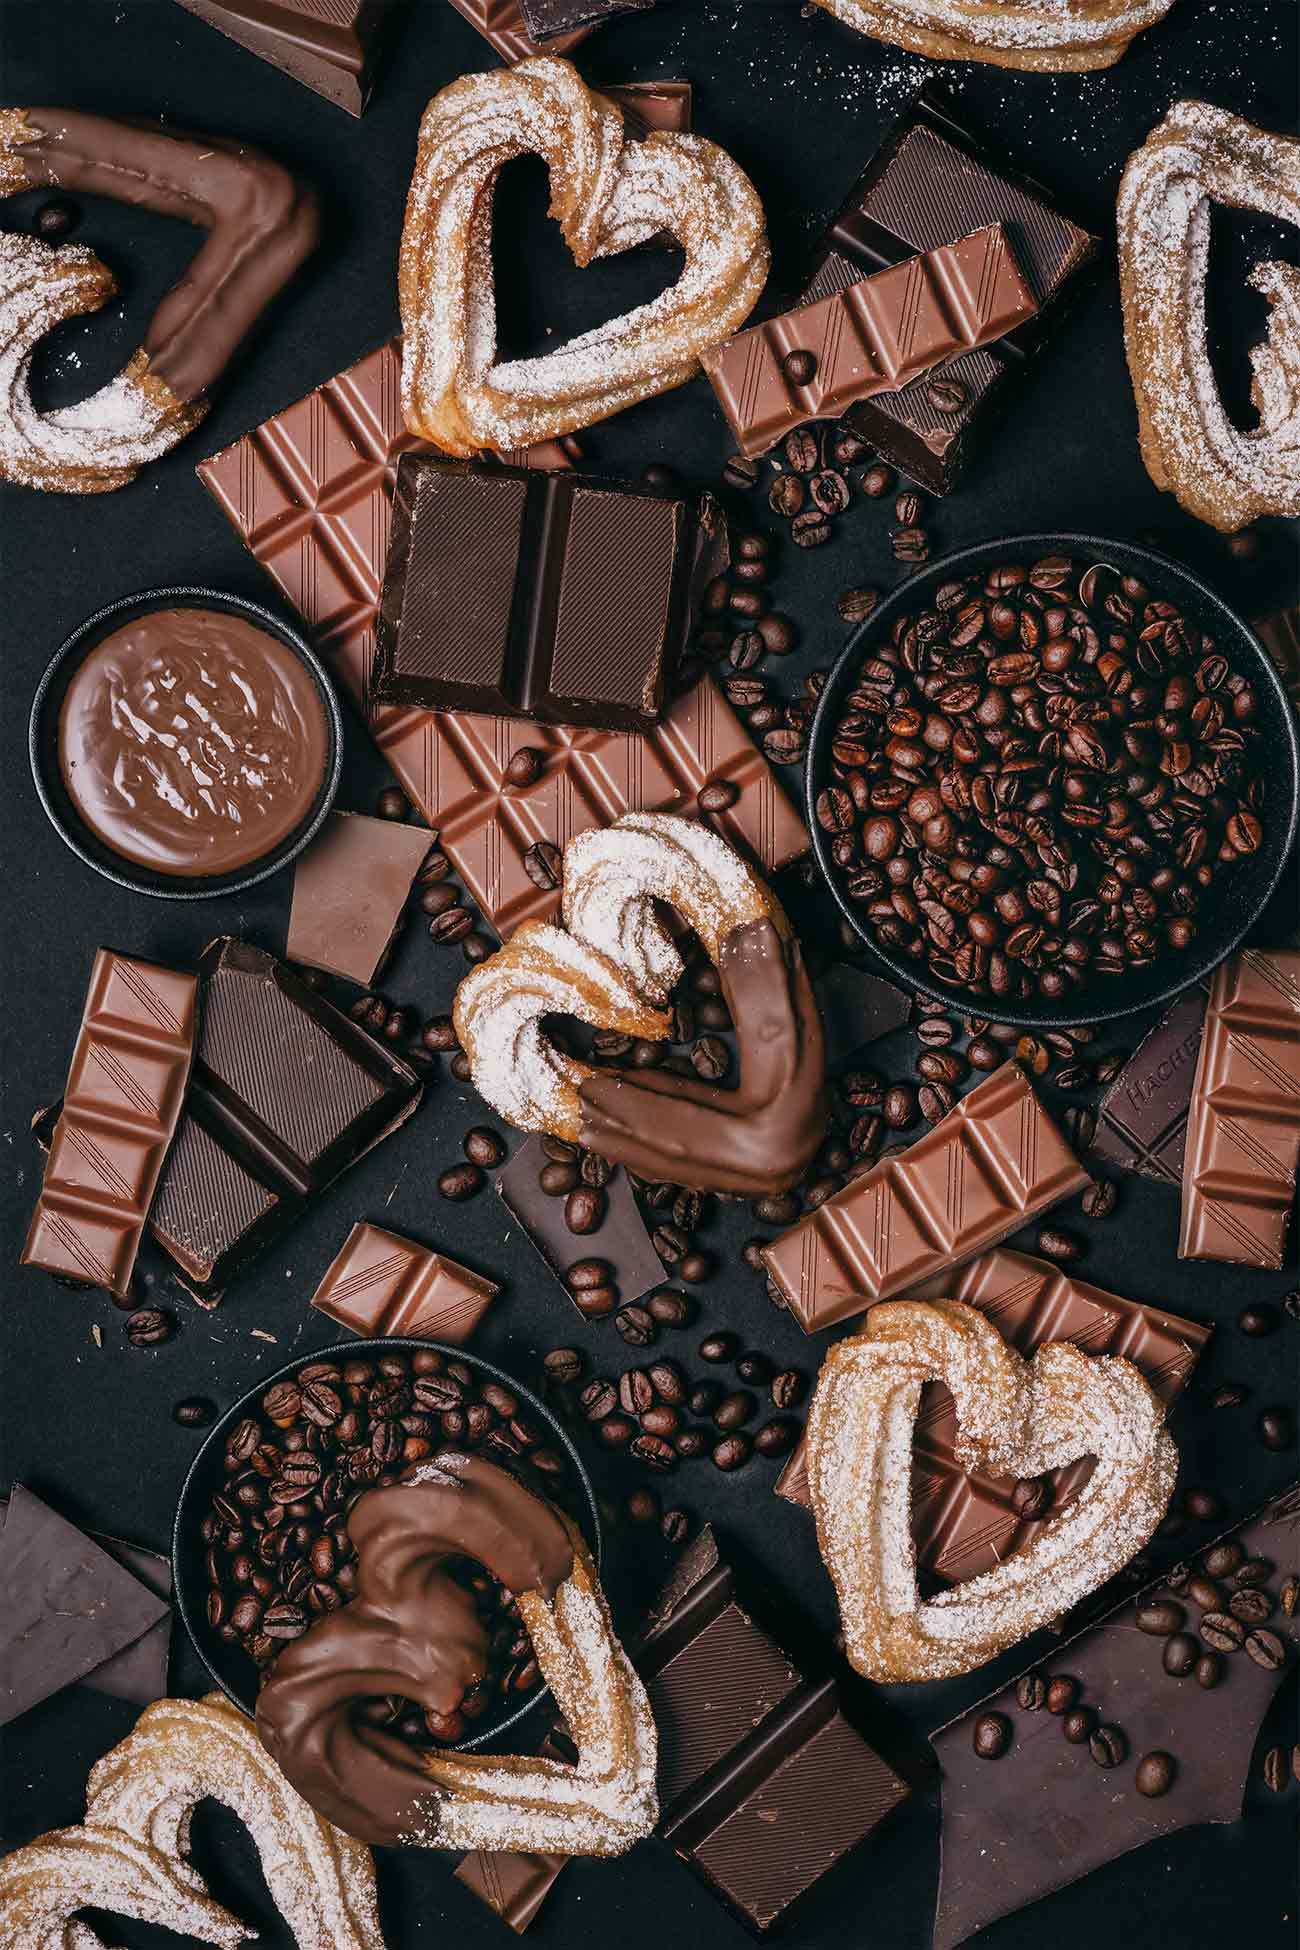 Herz - Churros mit Kaffee-Schokoladensoße Heart - churros with coffee and chocolate sauce  Ganz viel Liebe für Euch. Liebe ist doch was Wunderbares, oder? Ich meine nicht nur die Liebe zwischen zwei Verliebten, sondern auch die Liebe unter Freunden. Wie sieht es aus mit deinen Freunden? Kommen die nur zu deiner Party, oder haben die auch Zeit, wenn der Umzugswagen beladen werden muss? Beides? Dann Glückwunsch. Die (und nur die) haben sich eine große Portion Herz-Churros mit Kaffee-Schokoladensoße verdient.  Mein Geheimtipp um die Schokoladensoße noch intensiver zu machen: Ein wenig frisch gebrühten Kaffee einrühren. Ich habe die kräftigen Bohnen der Jacobs Expertenröstung Crema Italiano genommen. Die lieb ich auch.